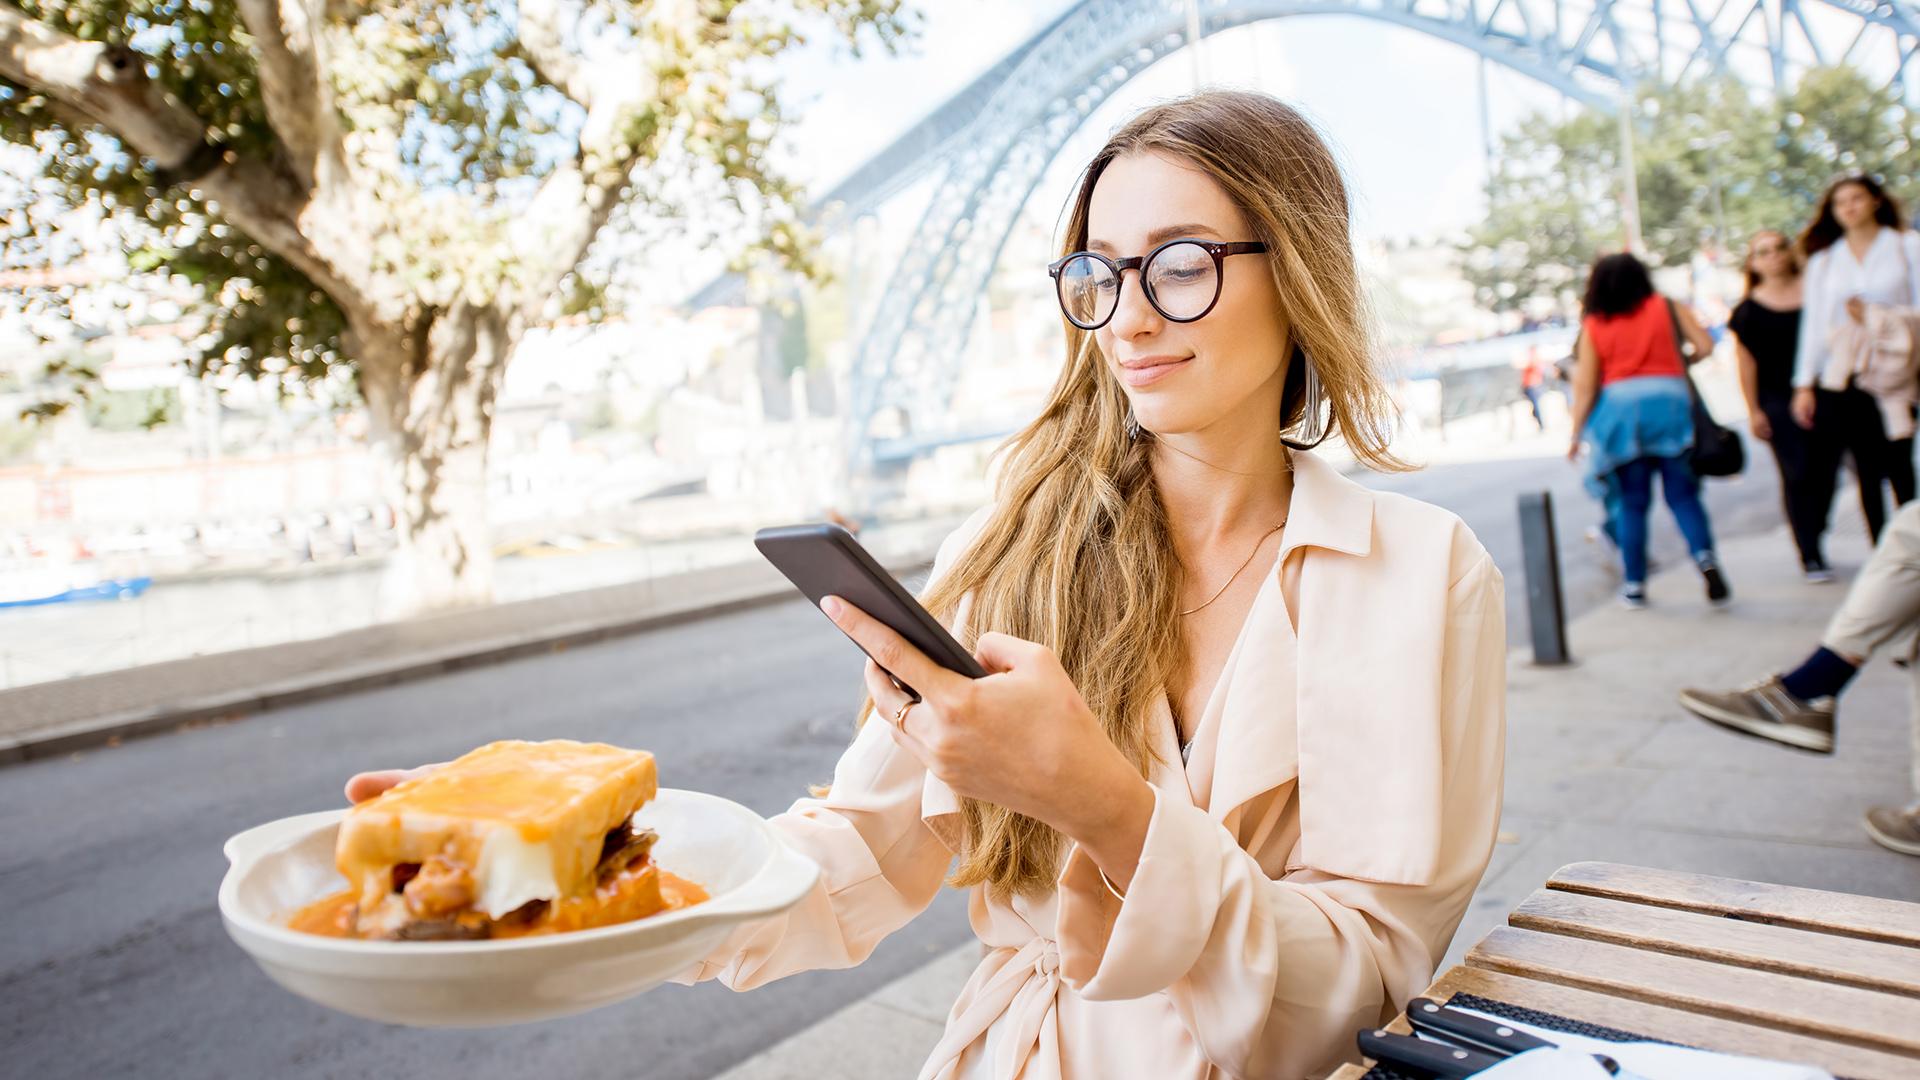 """El boom de las cuentas """"foodie"""": recetas saludables y consejos de nutrición que revolucionaron las redes sociales con miles de seguidores"""